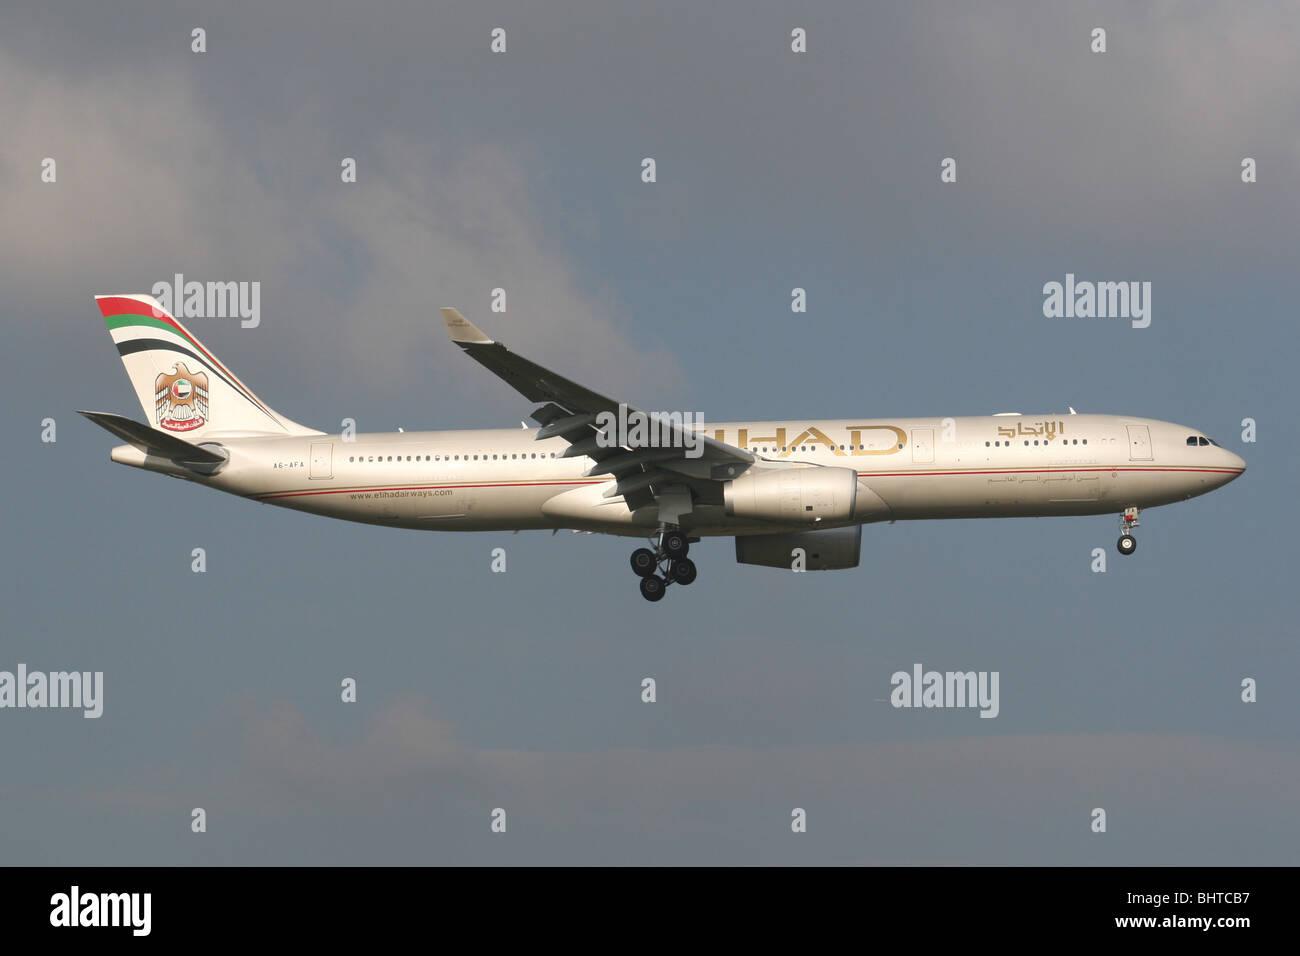 ETIHAD AIRLINES UAE - Stock Image